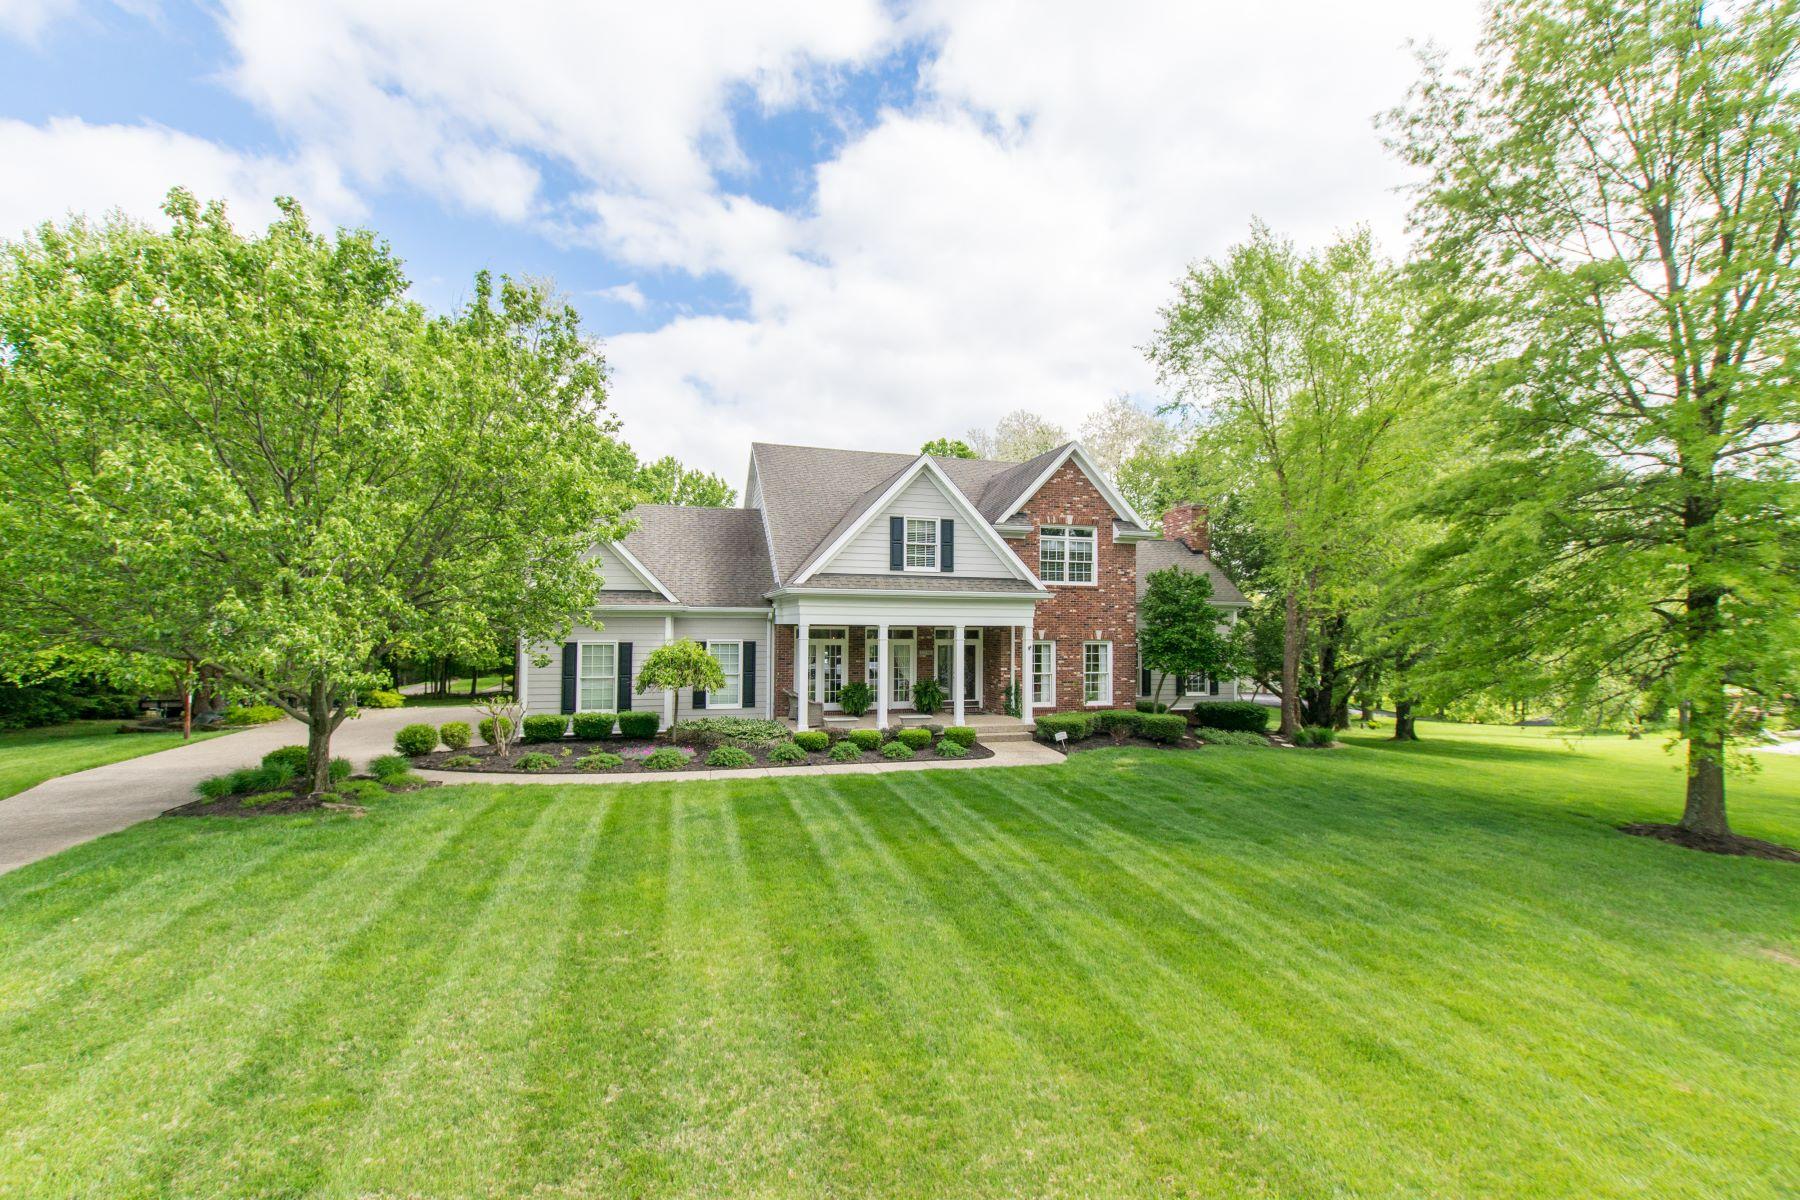 Частный односемейный дом для того Продажа на 13000 Reading Road Goshen, Кентукки, 40026 Соединенные Штаты